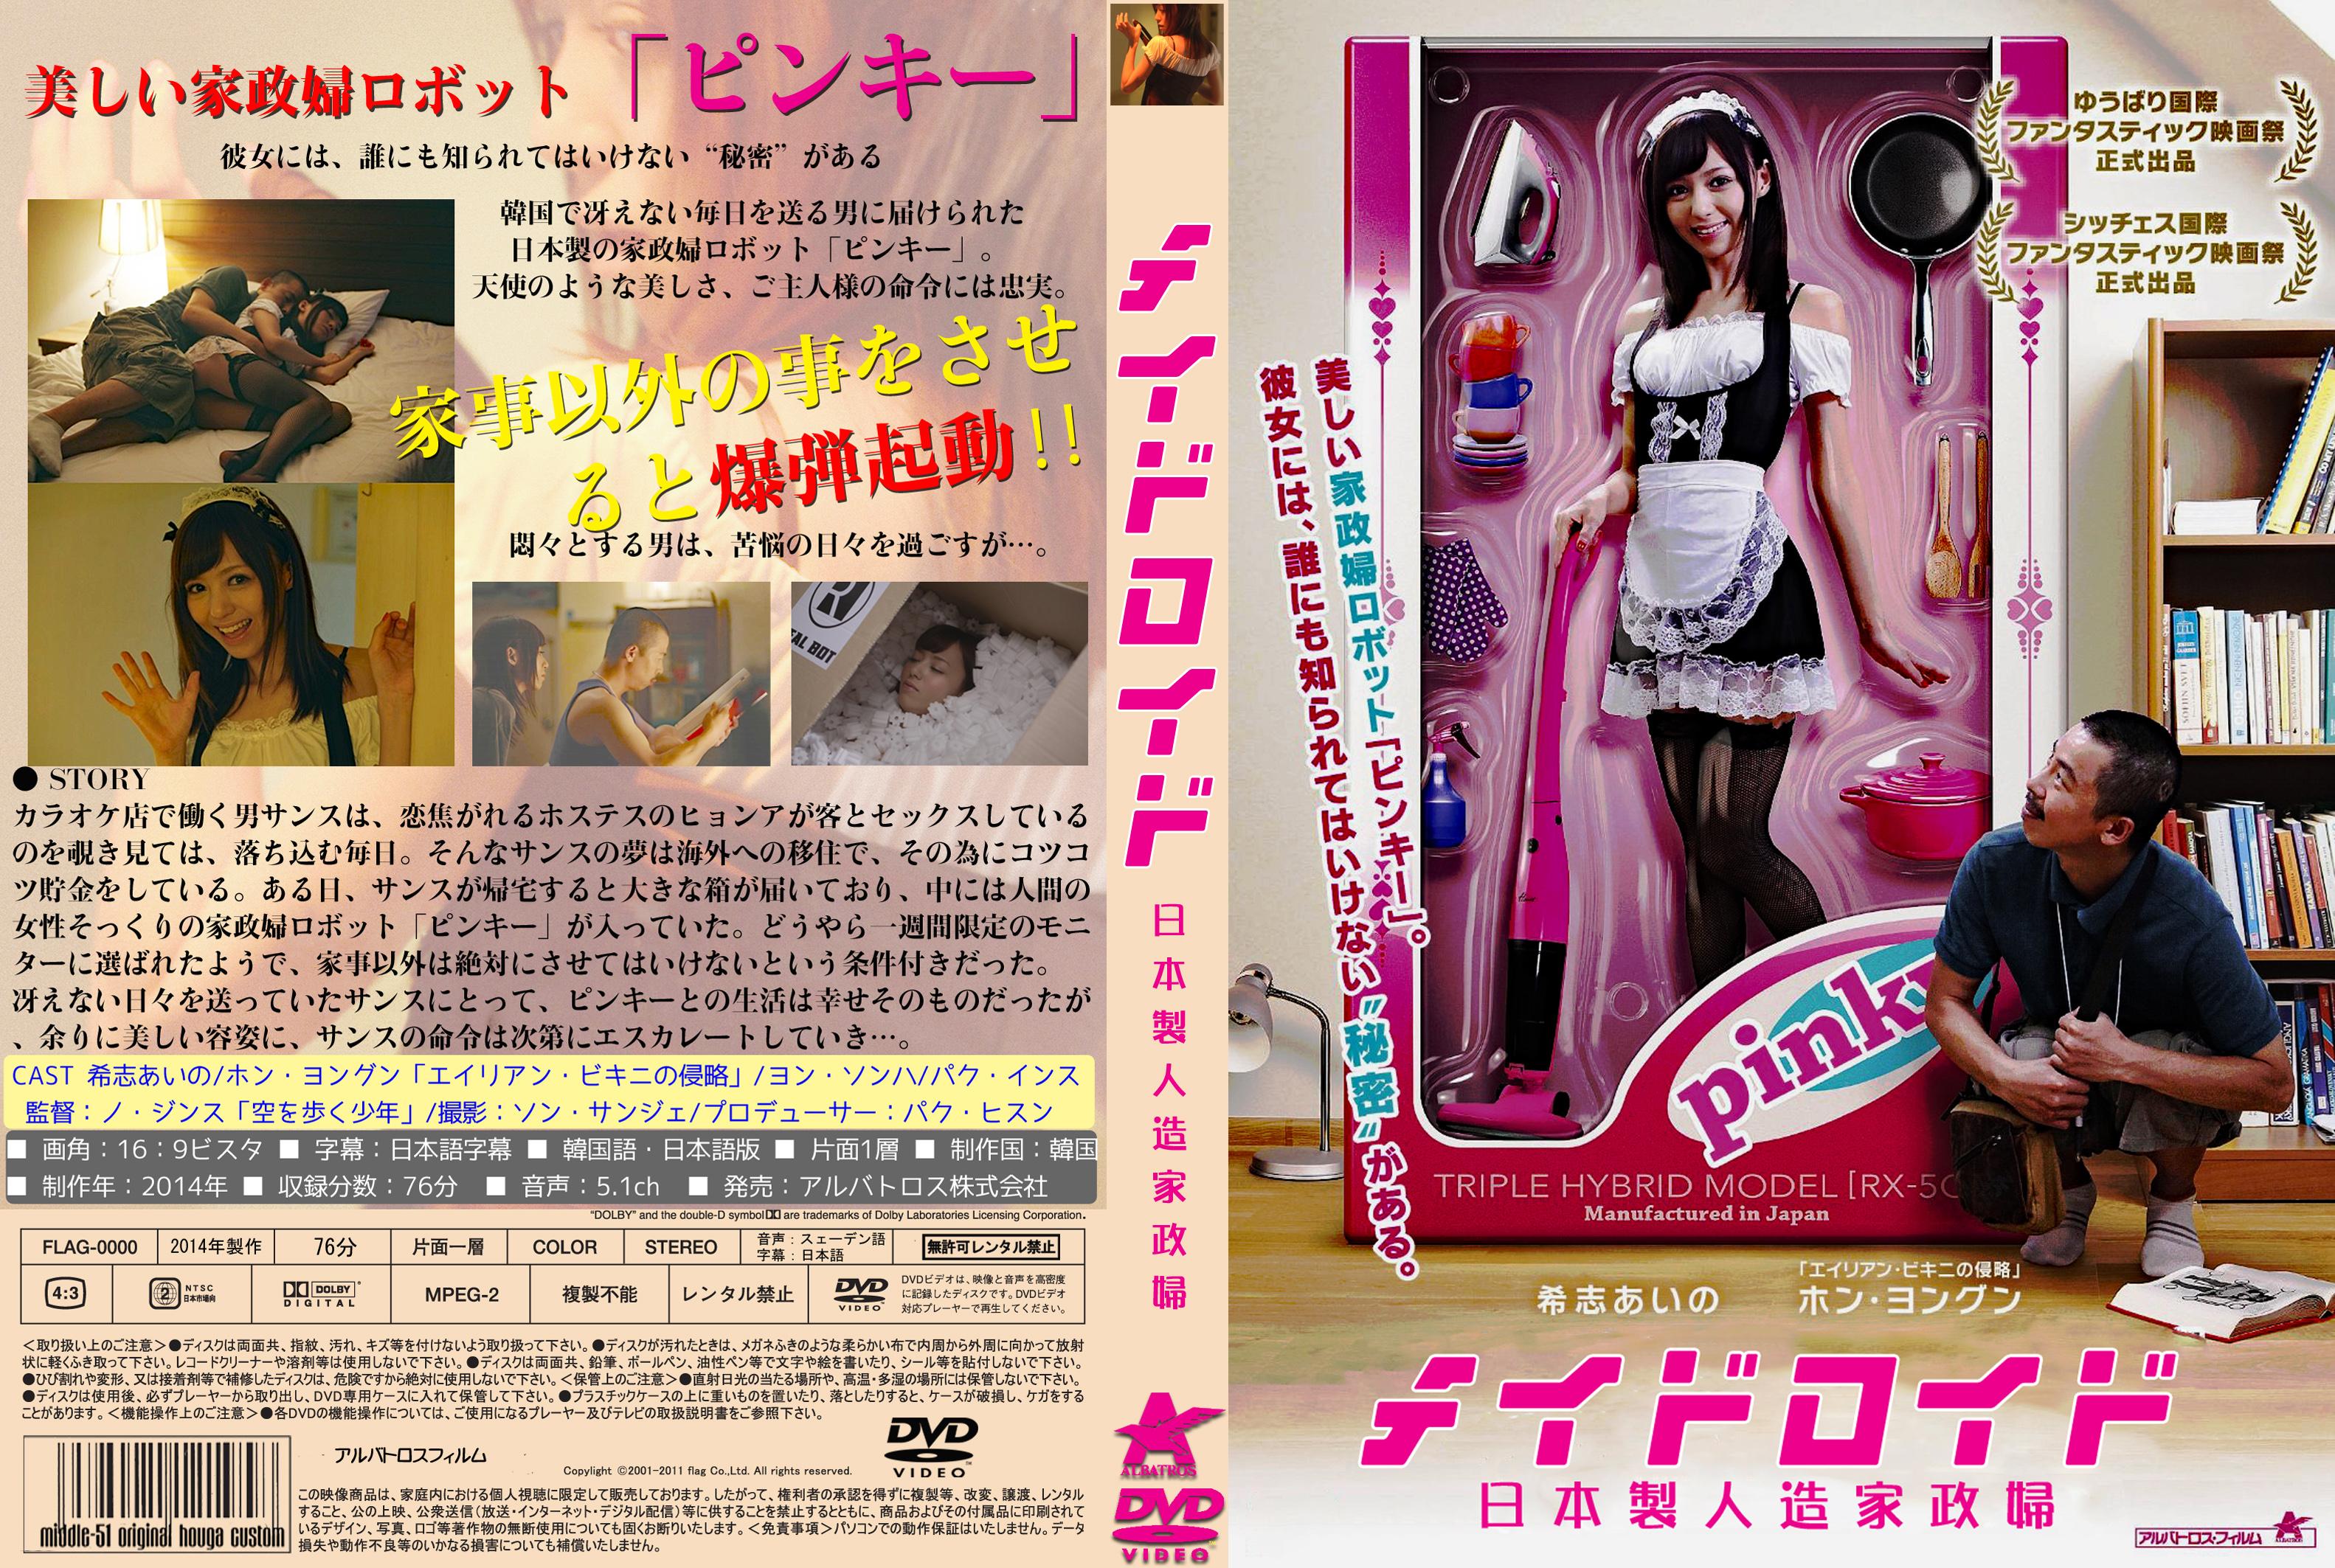 DVDノーマルジャケット 14mm